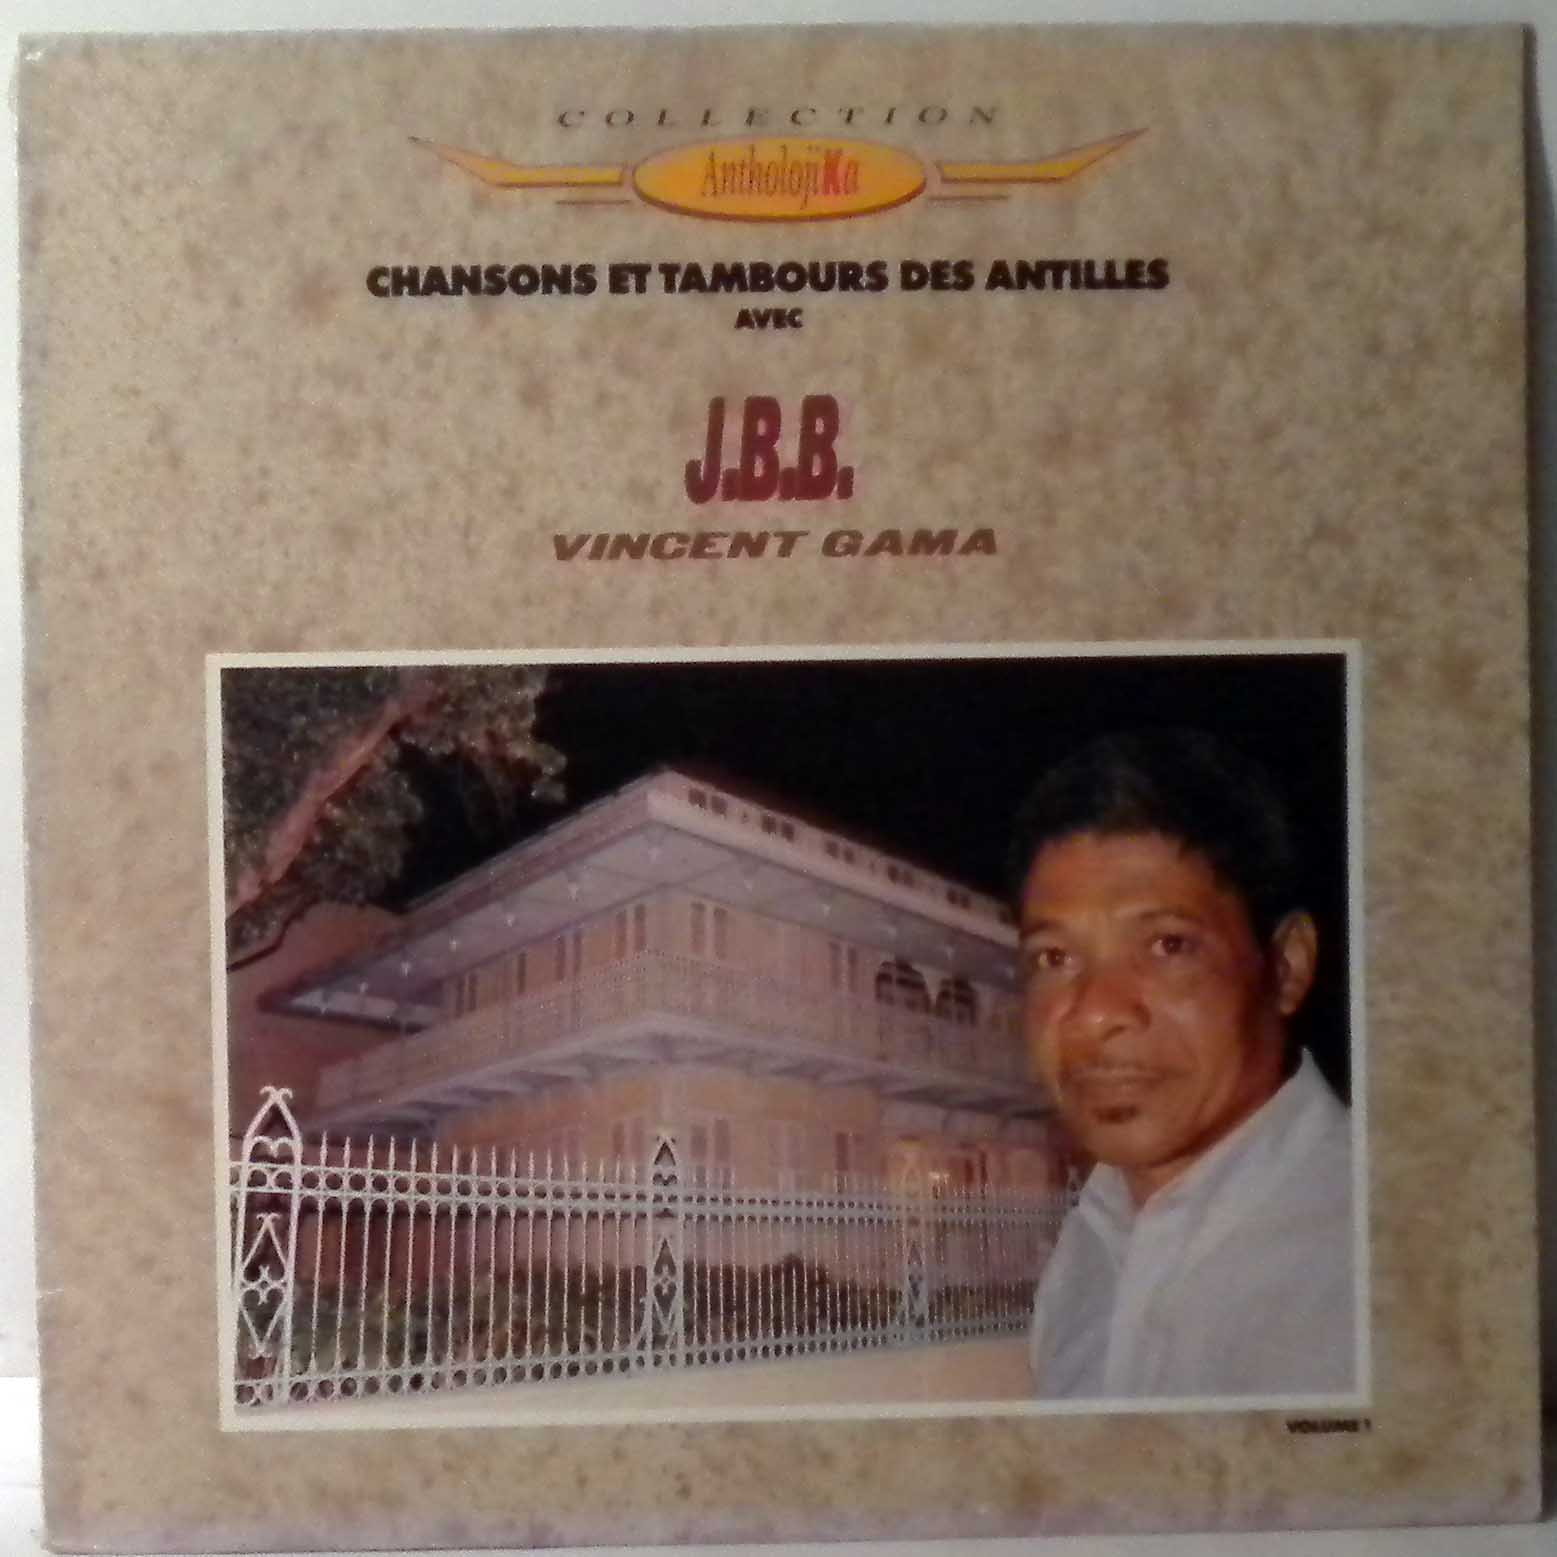 J.B.B. - Chansons et tambours des Antilles - LP